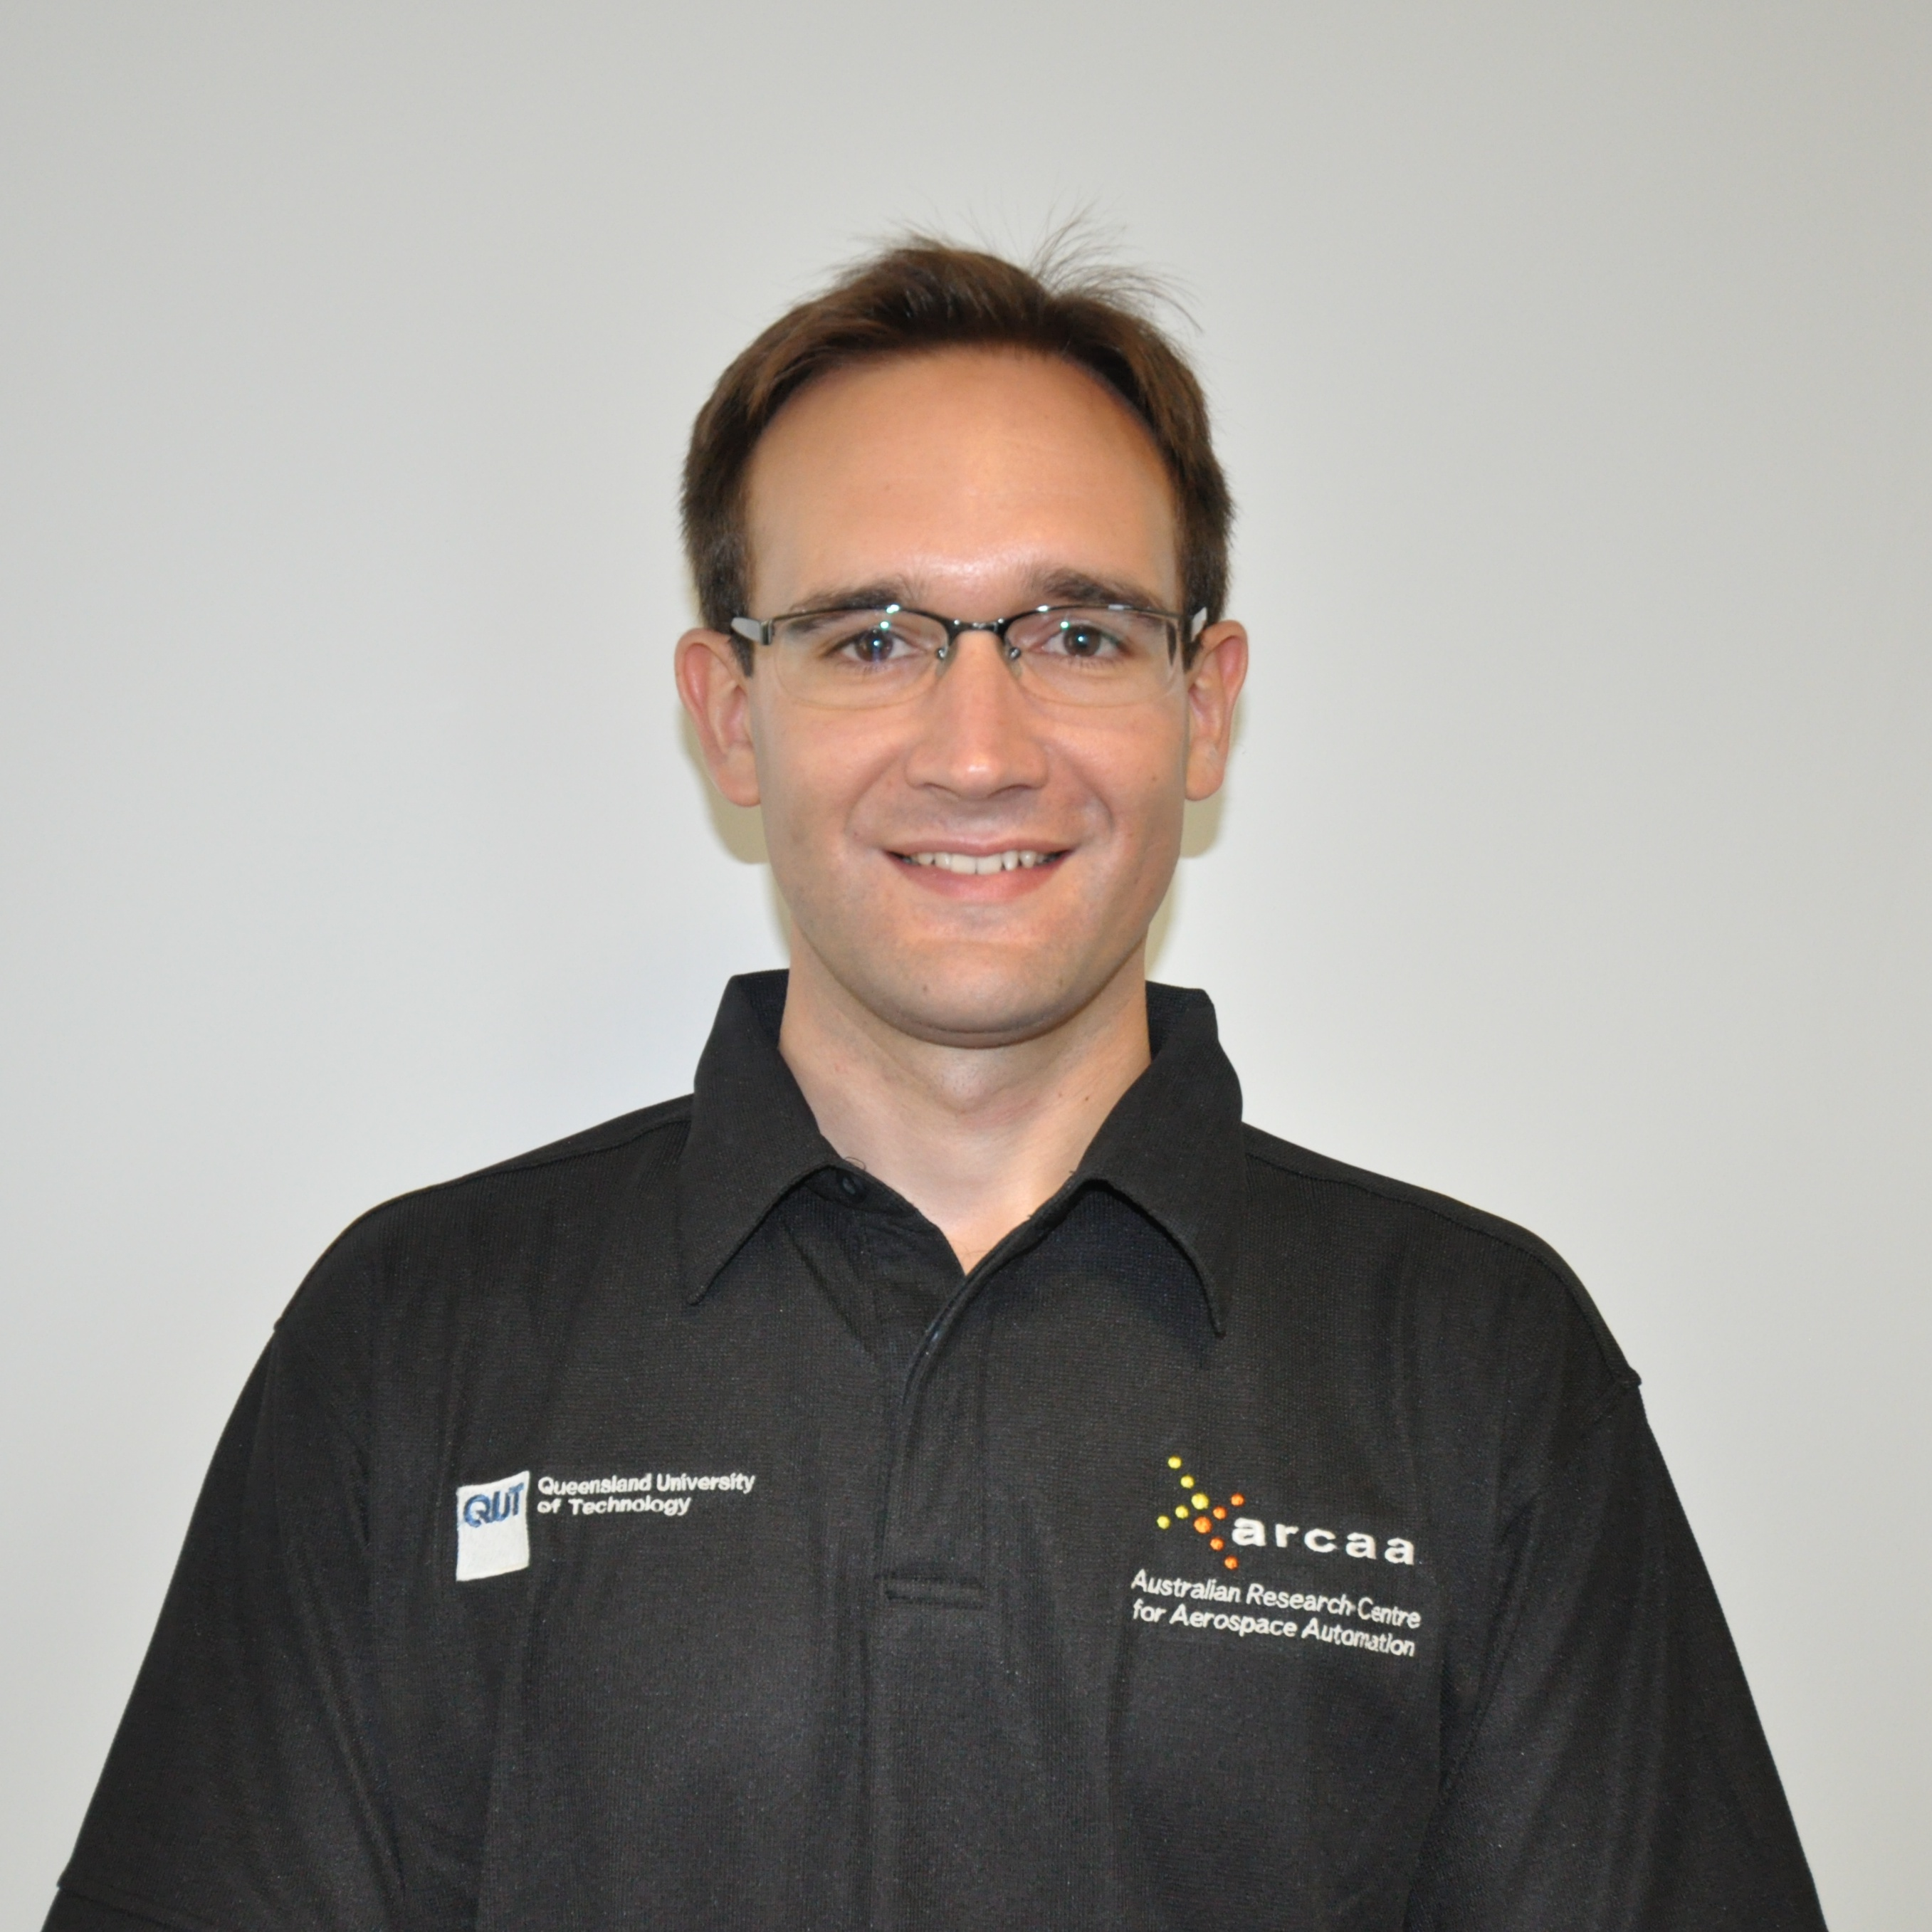 Eduard Puig Garcia, ARCAA Research Engineer